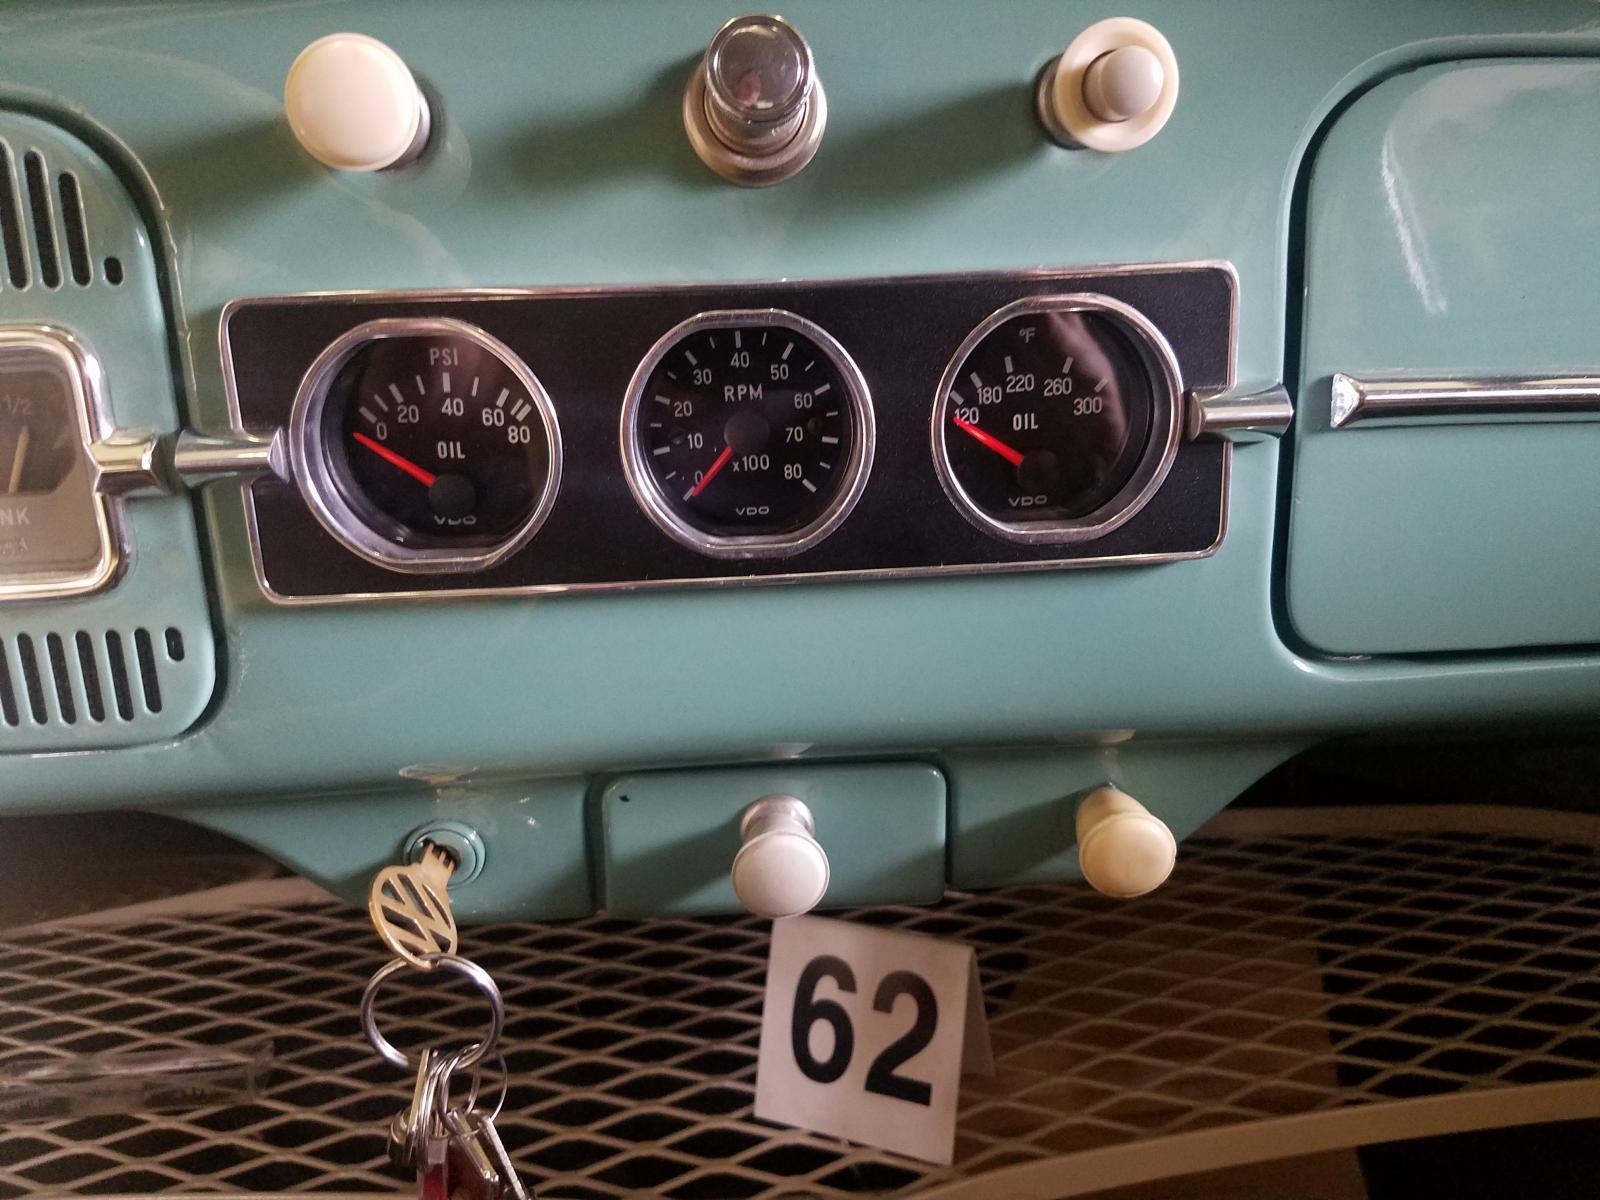 VW dash